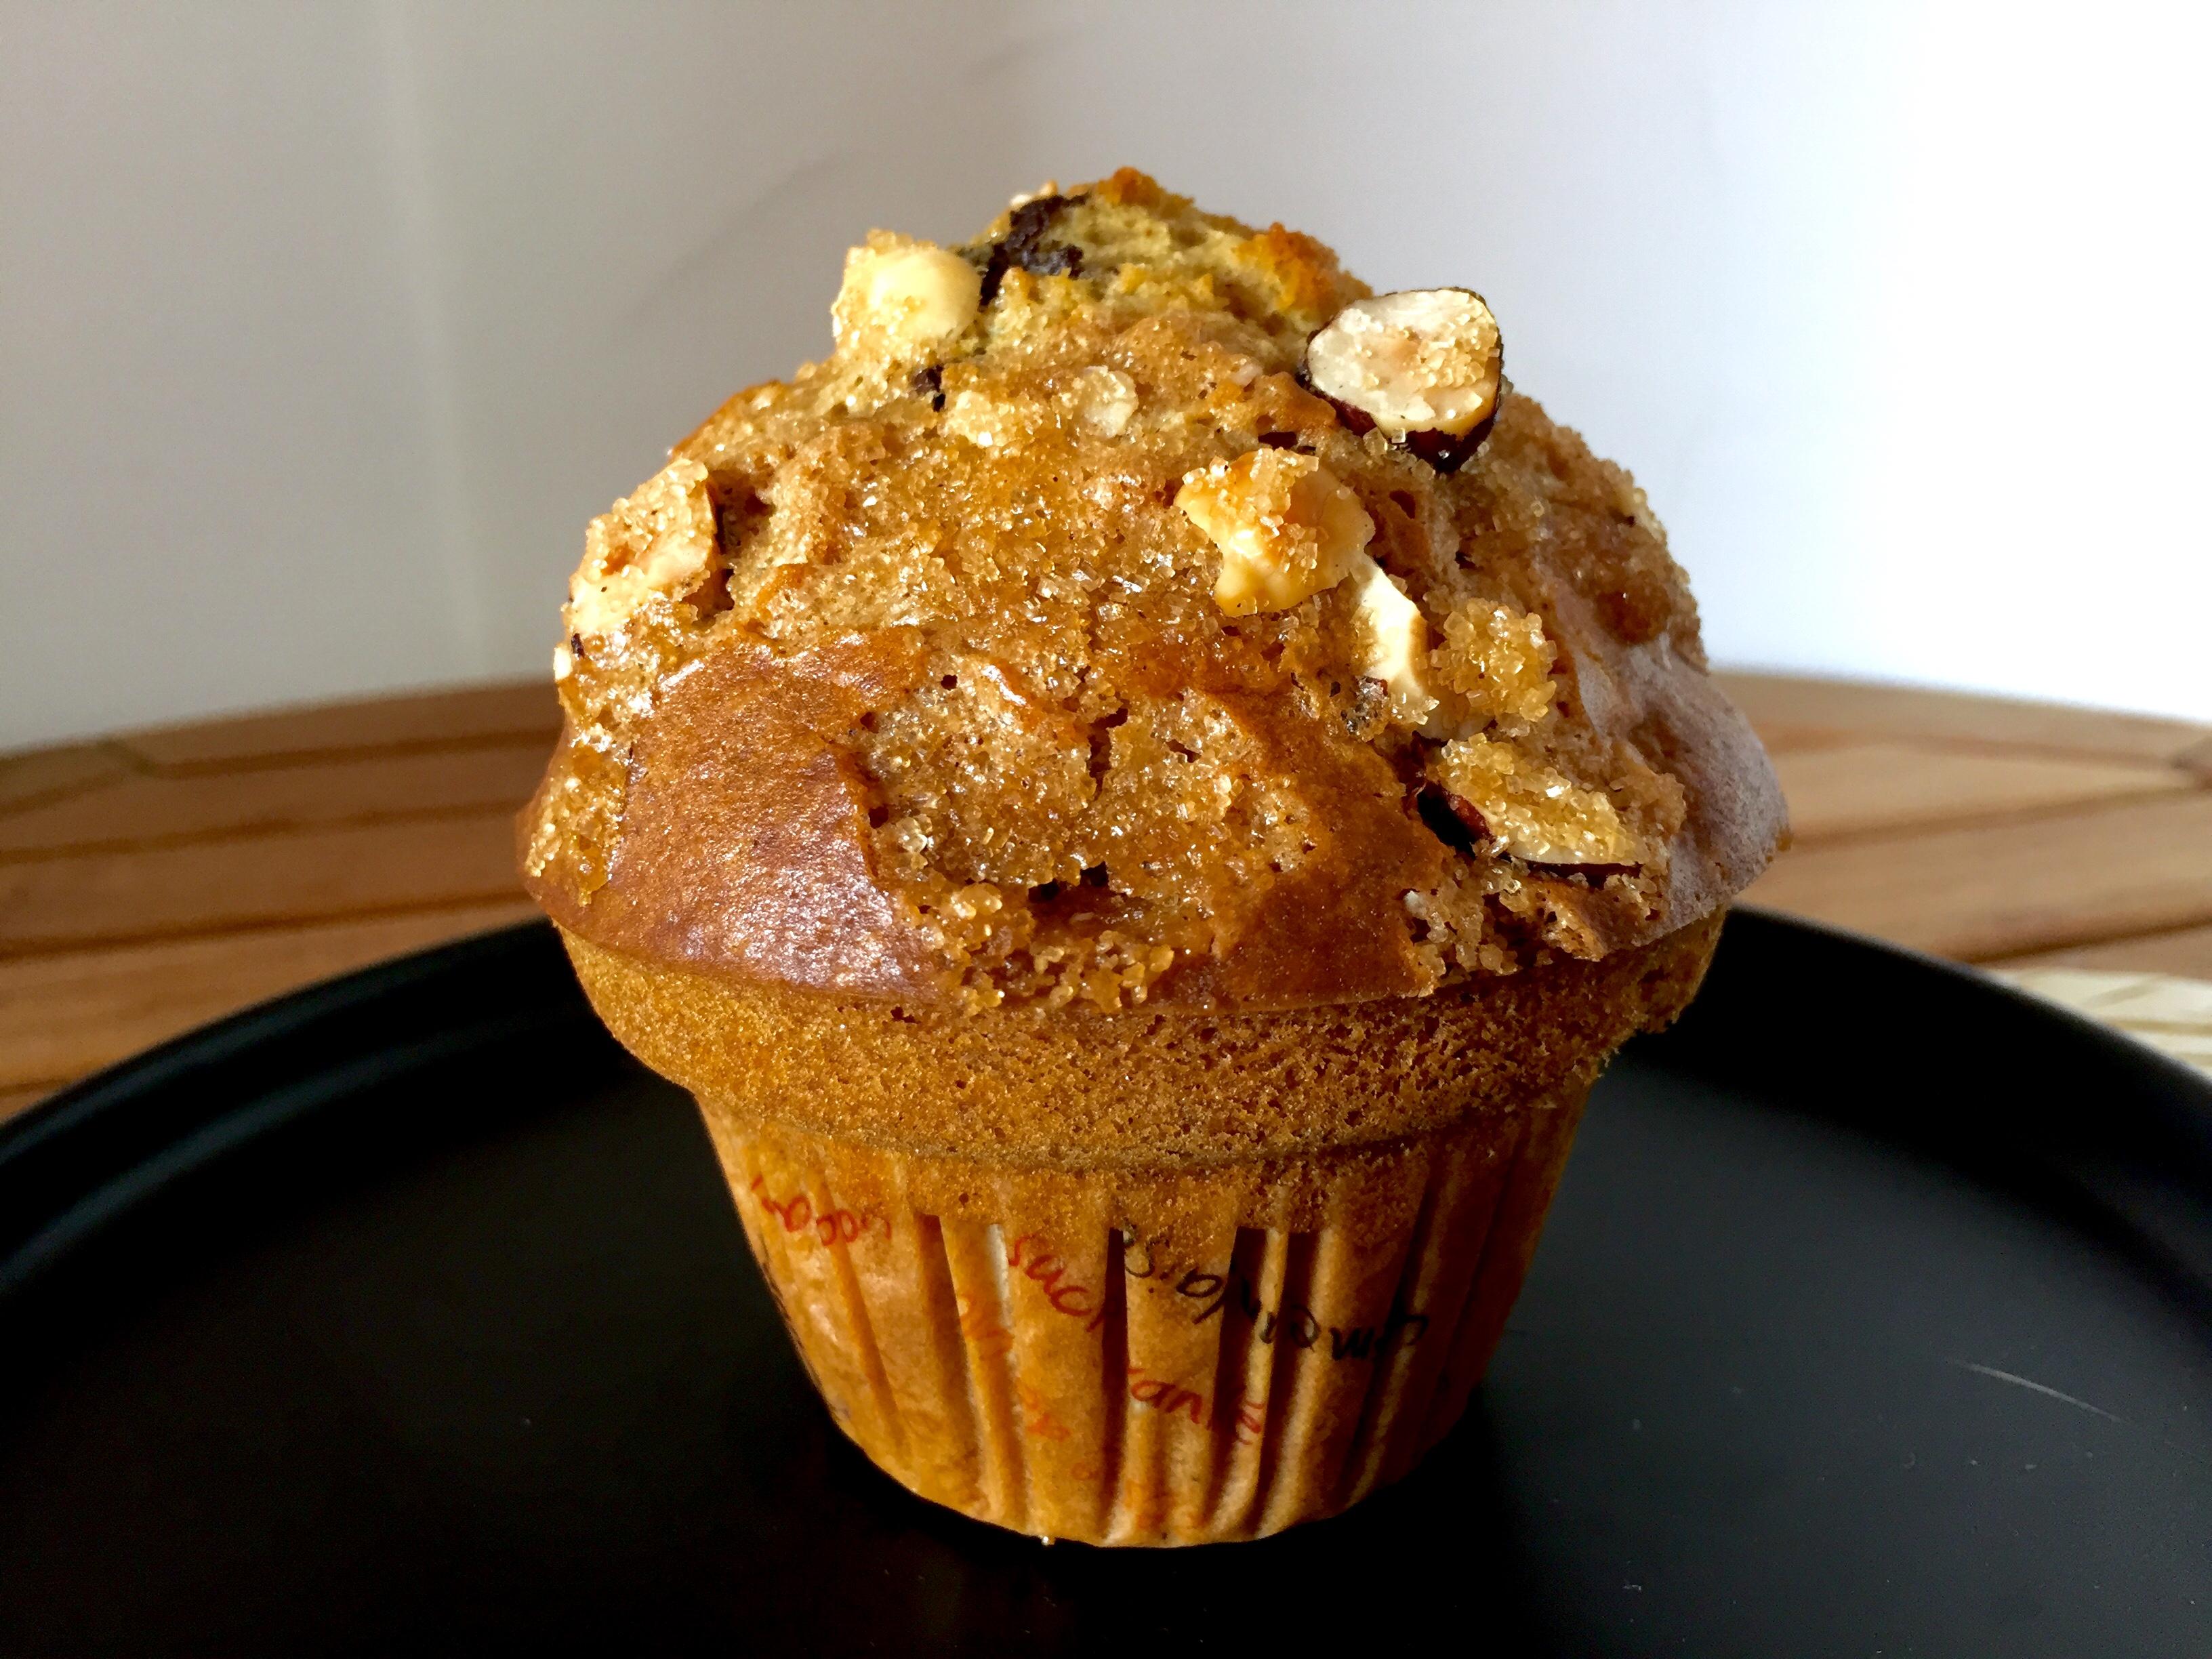 Muffin atomic noisette